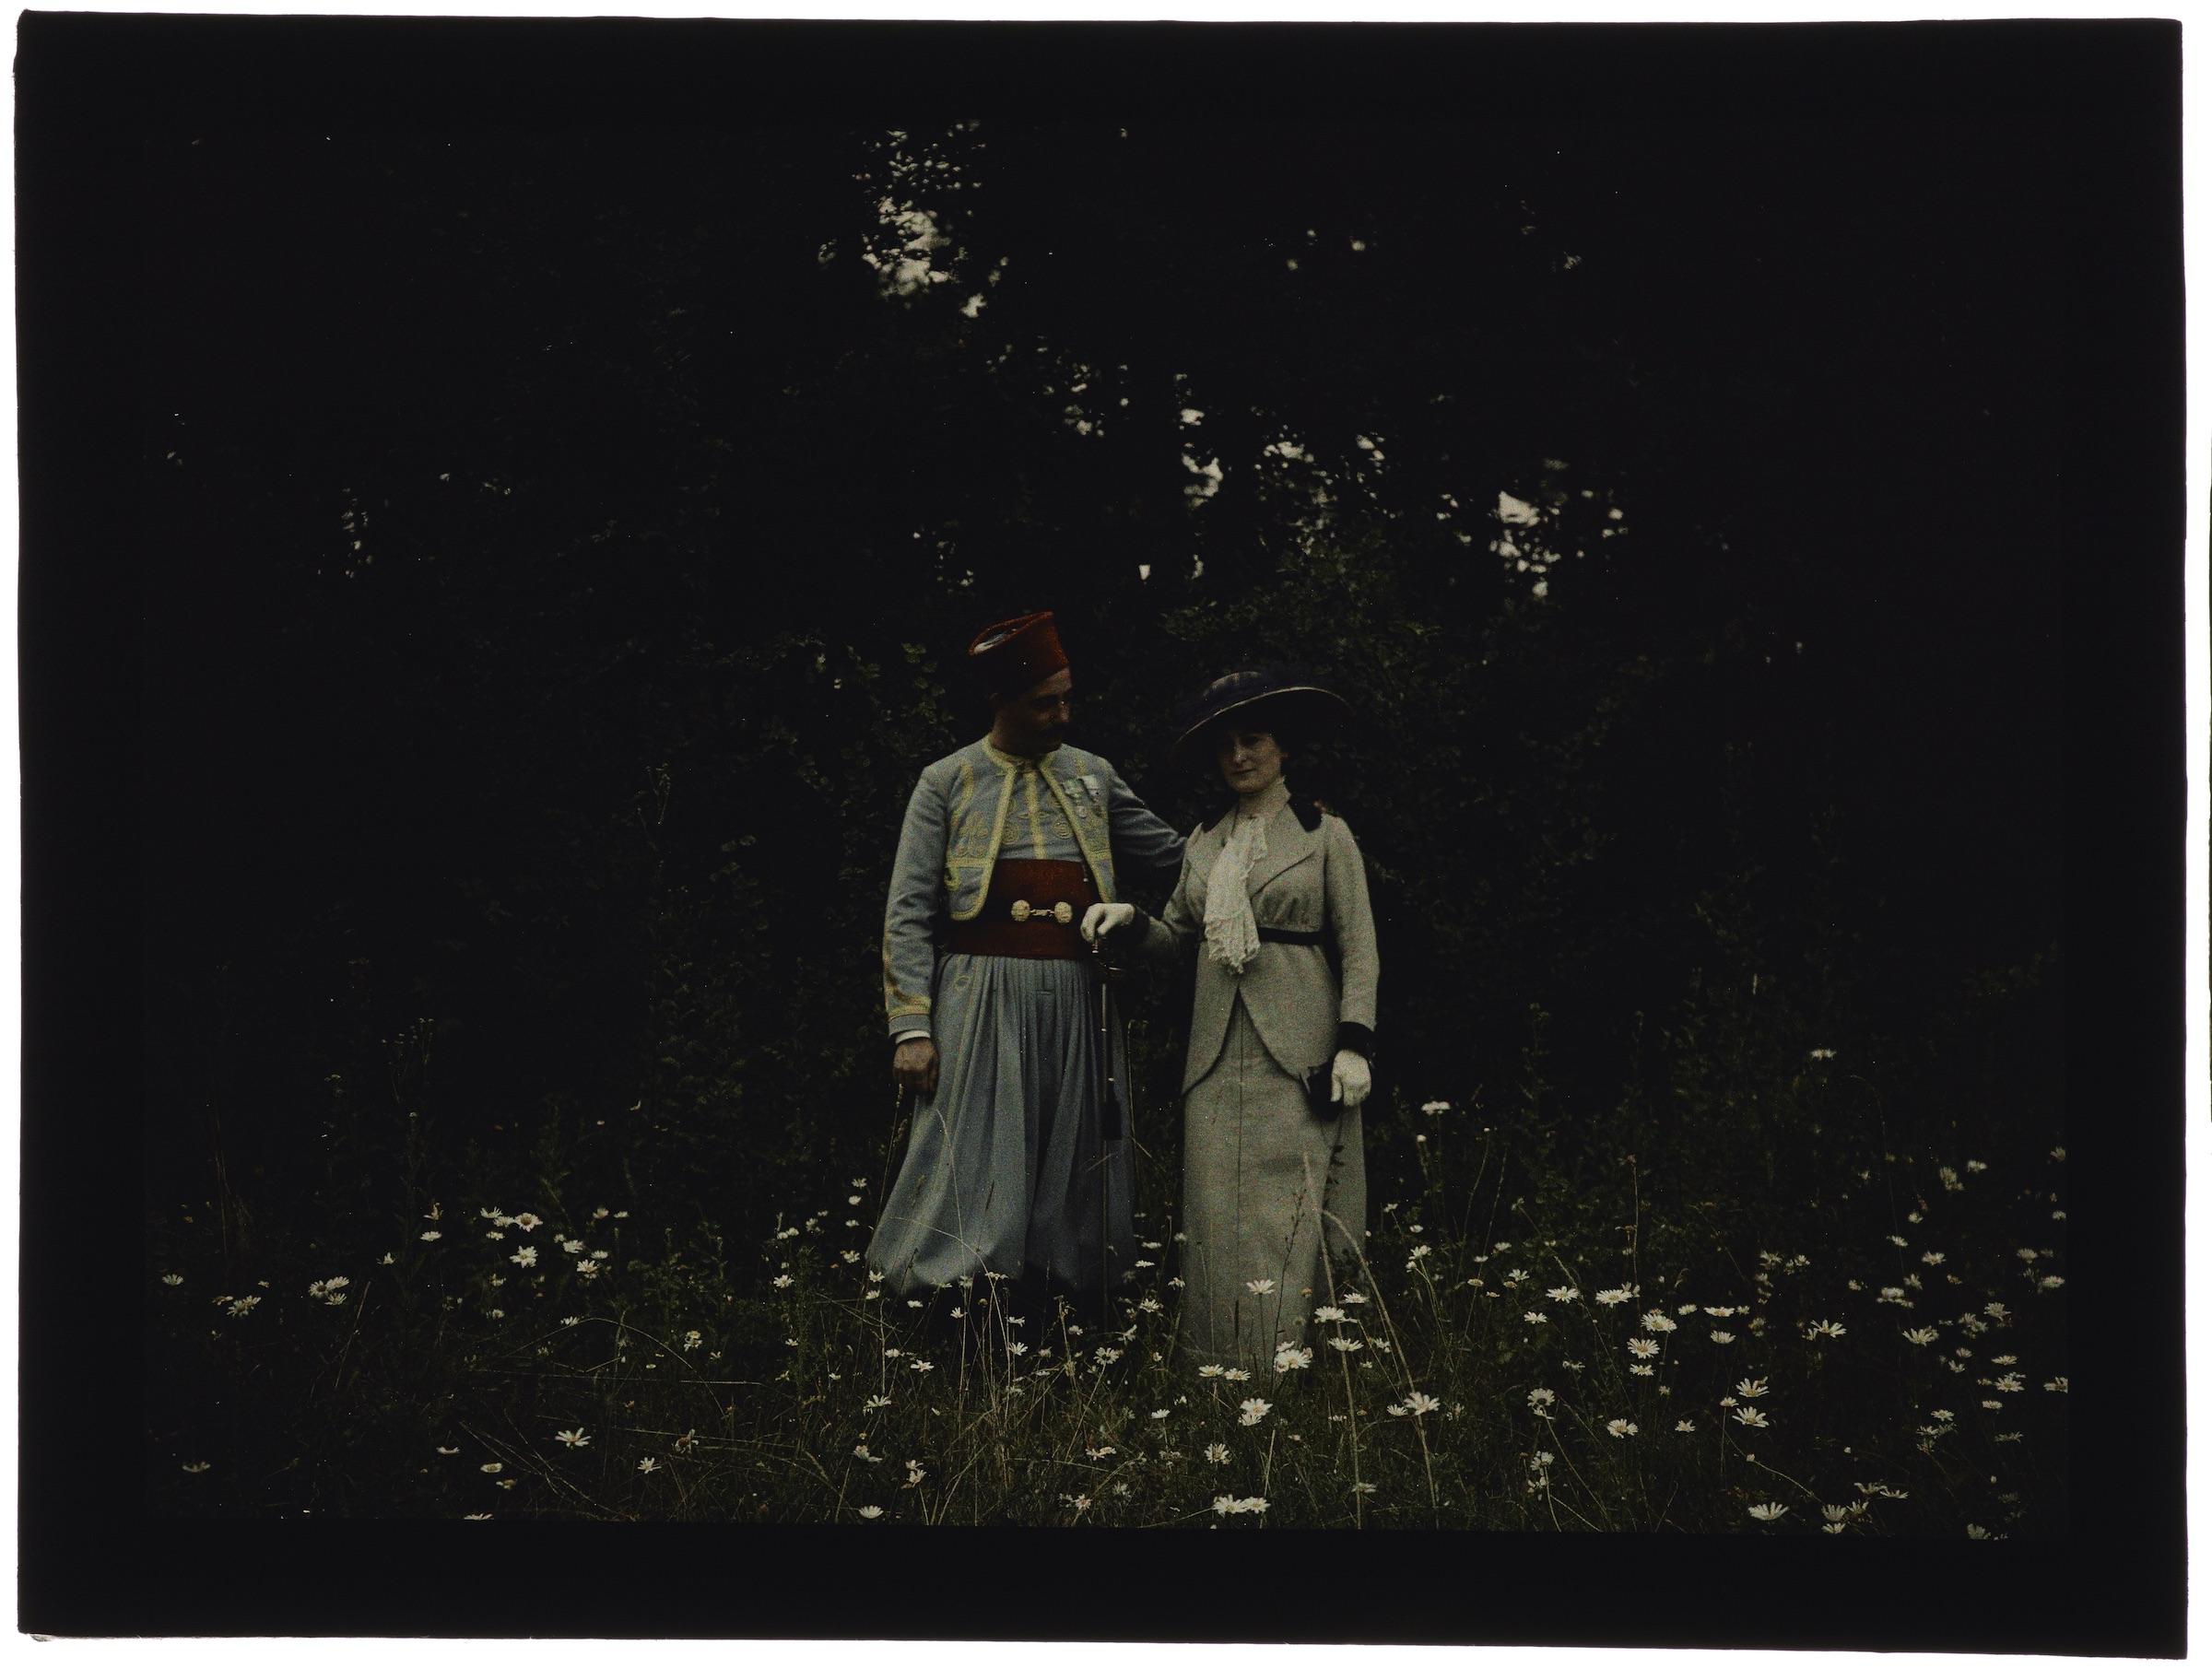 Femme dans la forêt avec un soldat